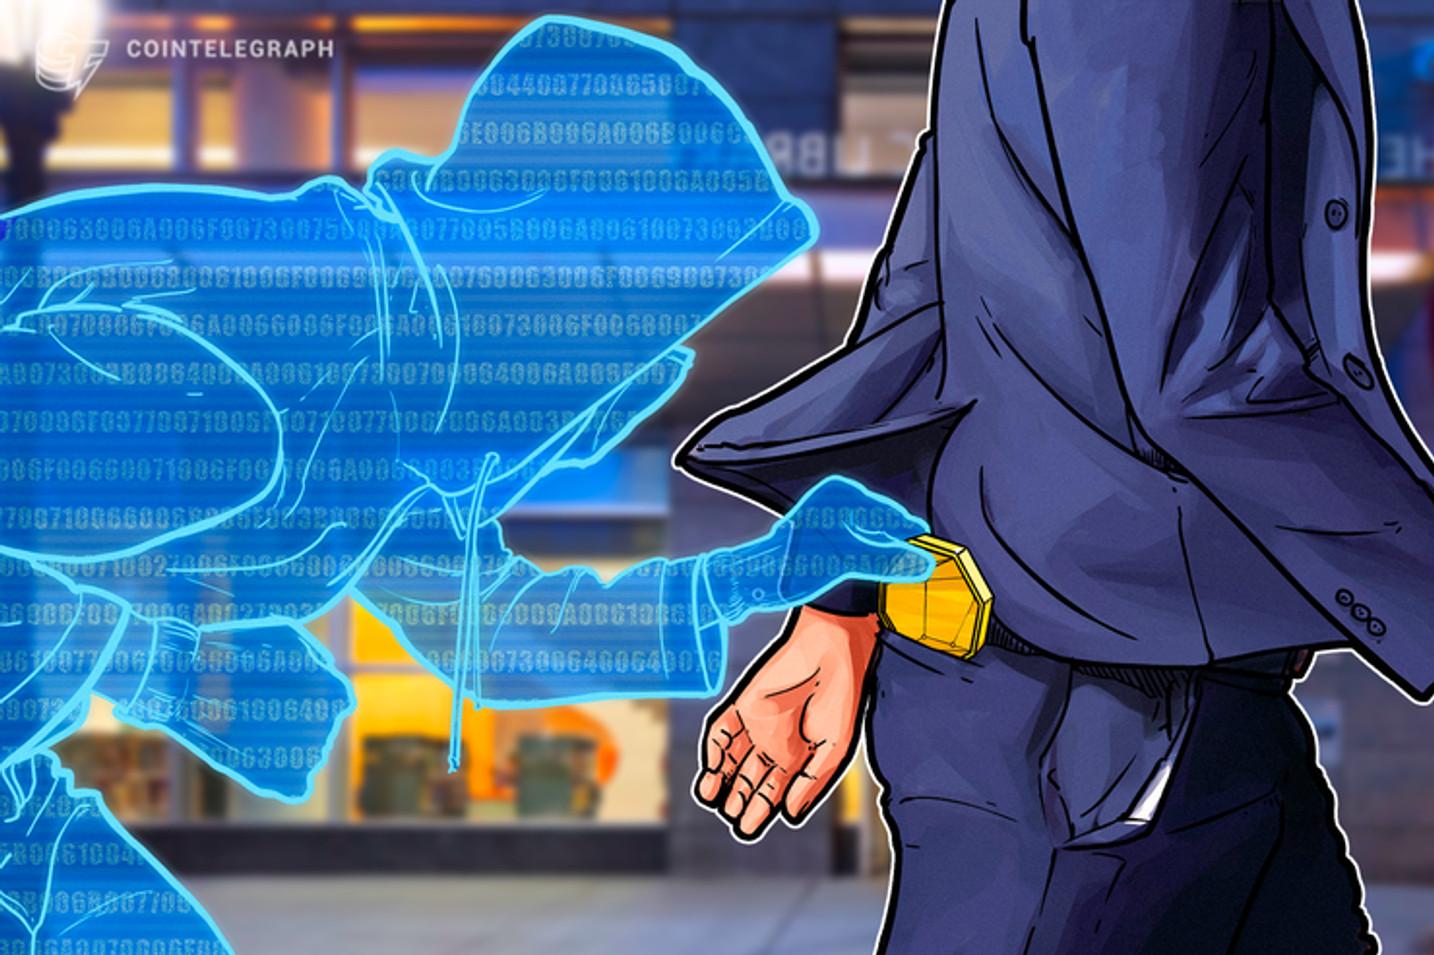 Hacker alega ter invadido sistema da Midas Trend e alerta sobre atividades de suposta pirâmide financeira